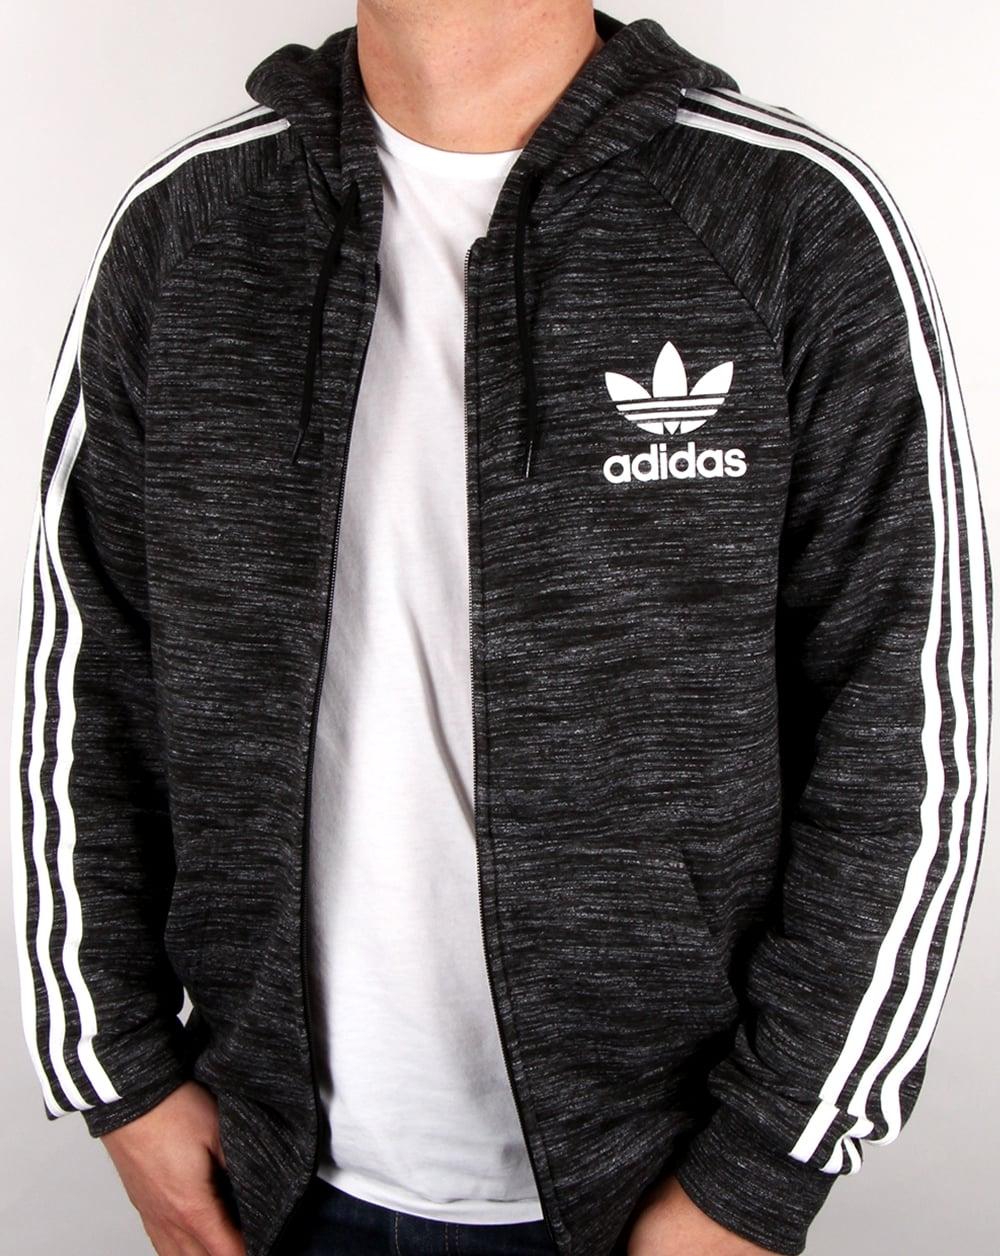 3a8876018920 Adidas Originals California Fz Hoody Black